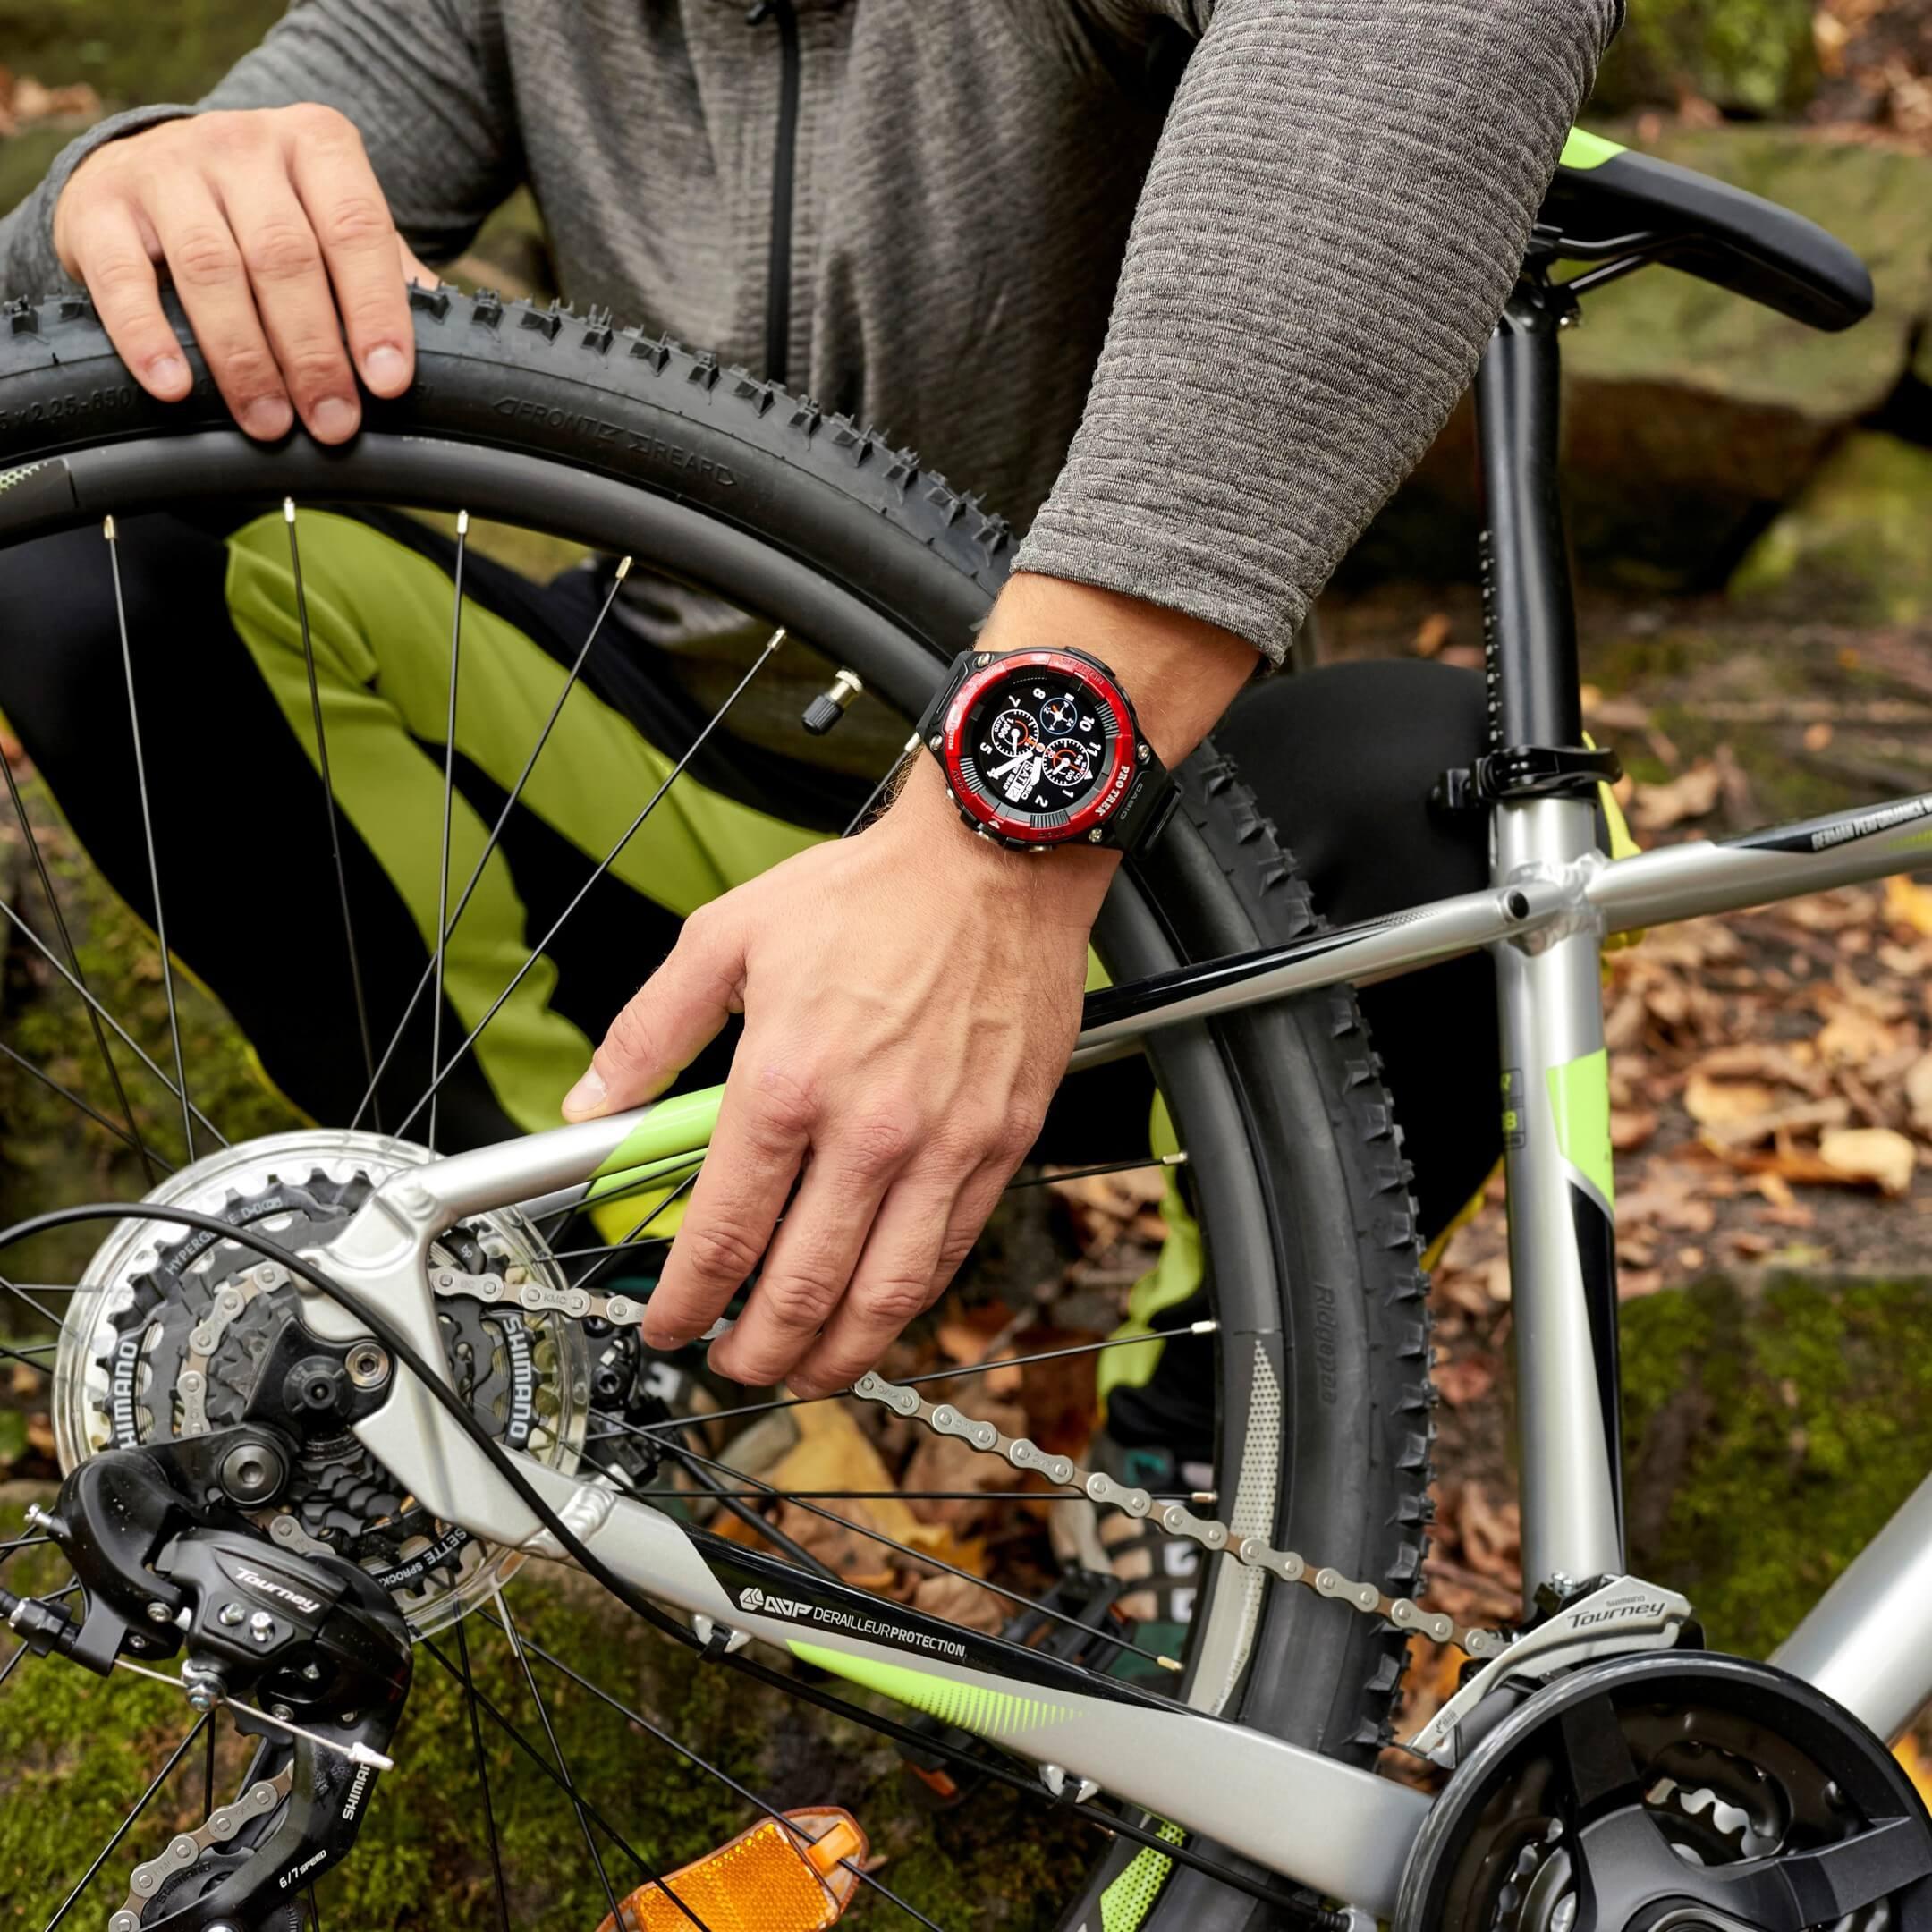 Biking im Wald mit der Pro Trek Smartwatch